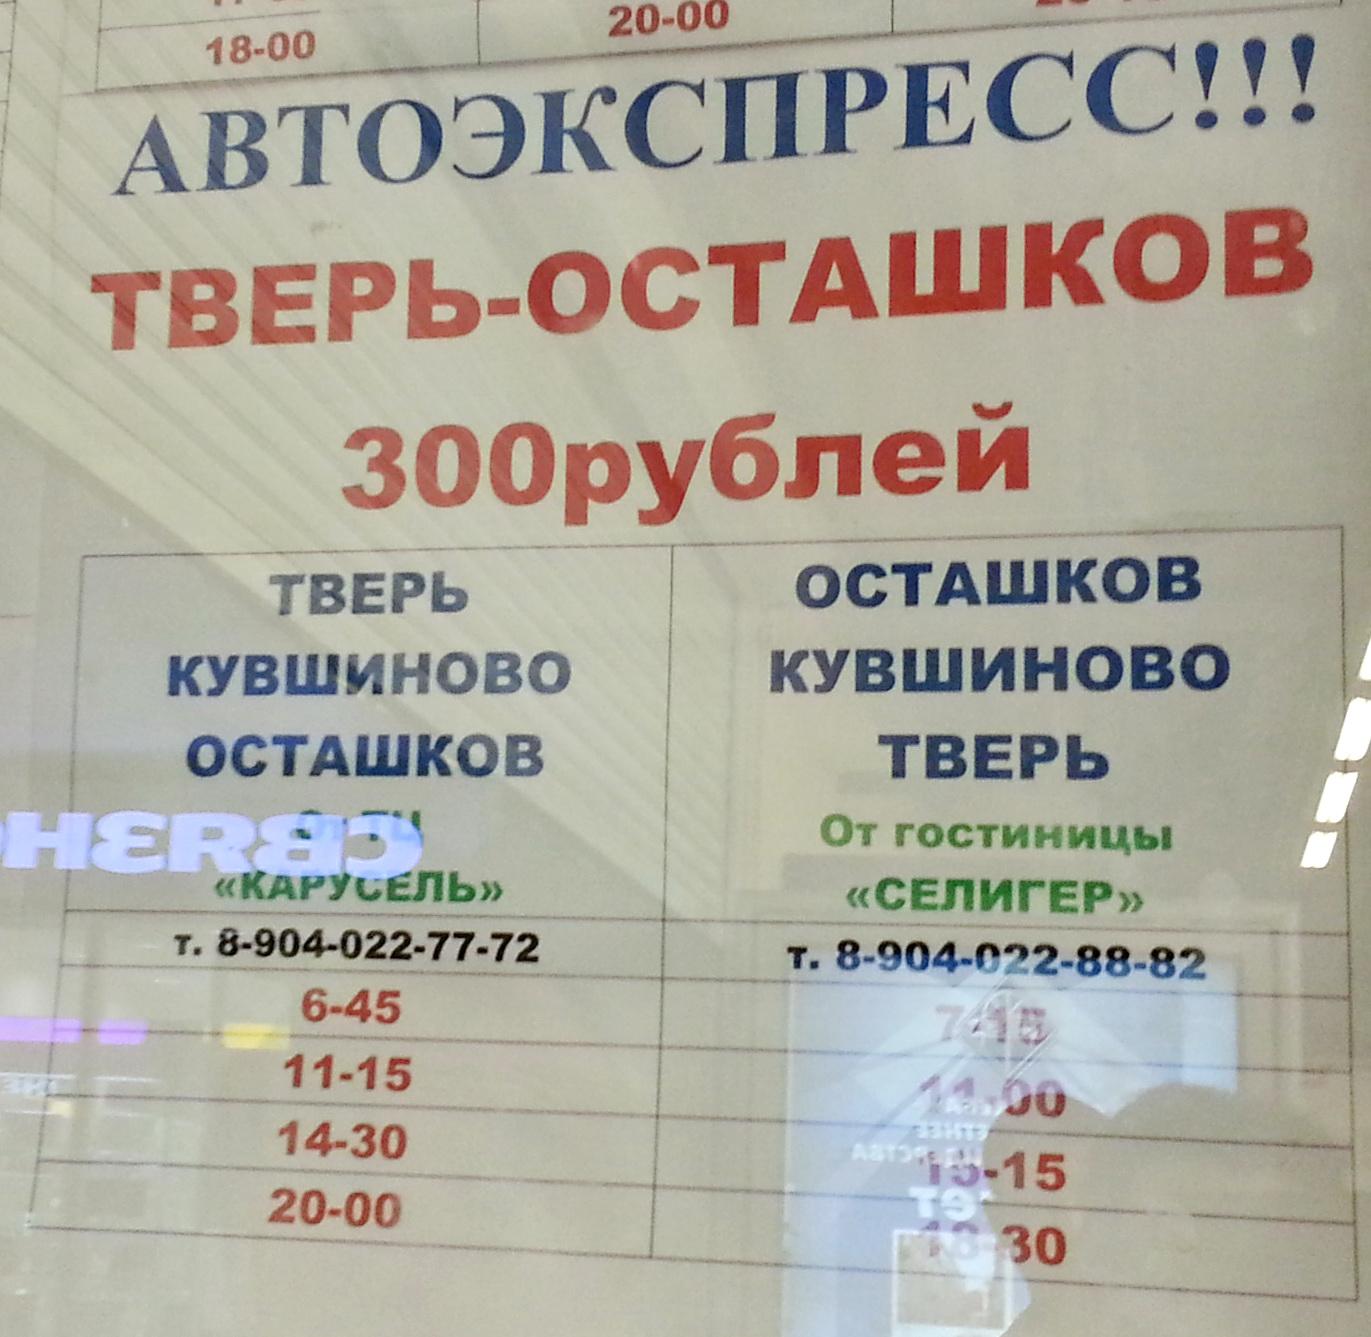 http://img-fotki.yandex.ru/get/9310/17259814.e/0_7e052_3960e0fd_orig